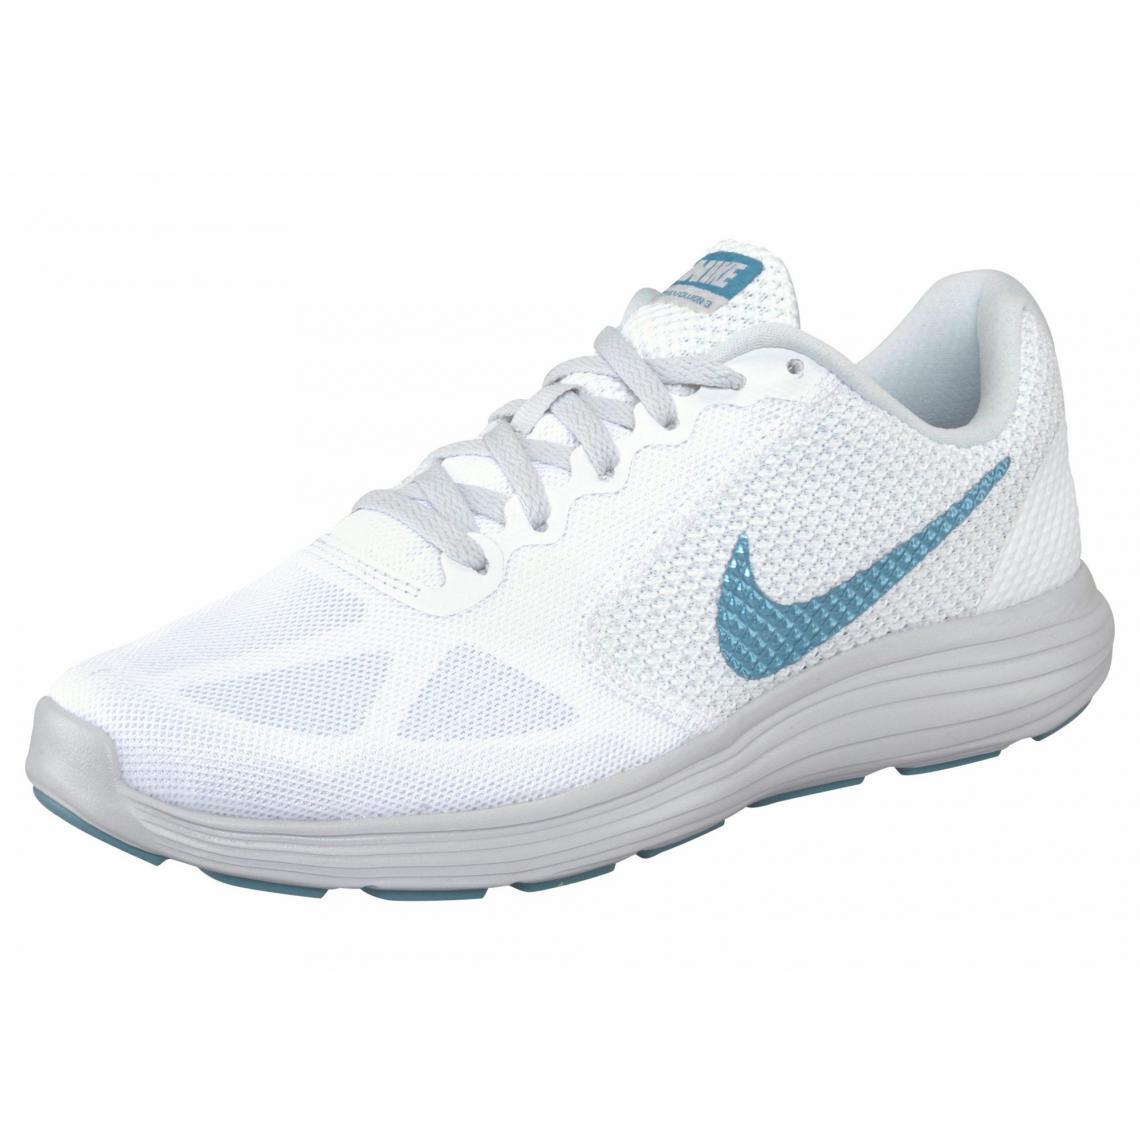 Nike Révolution 3 Wmns chaussures de running femme Blanc